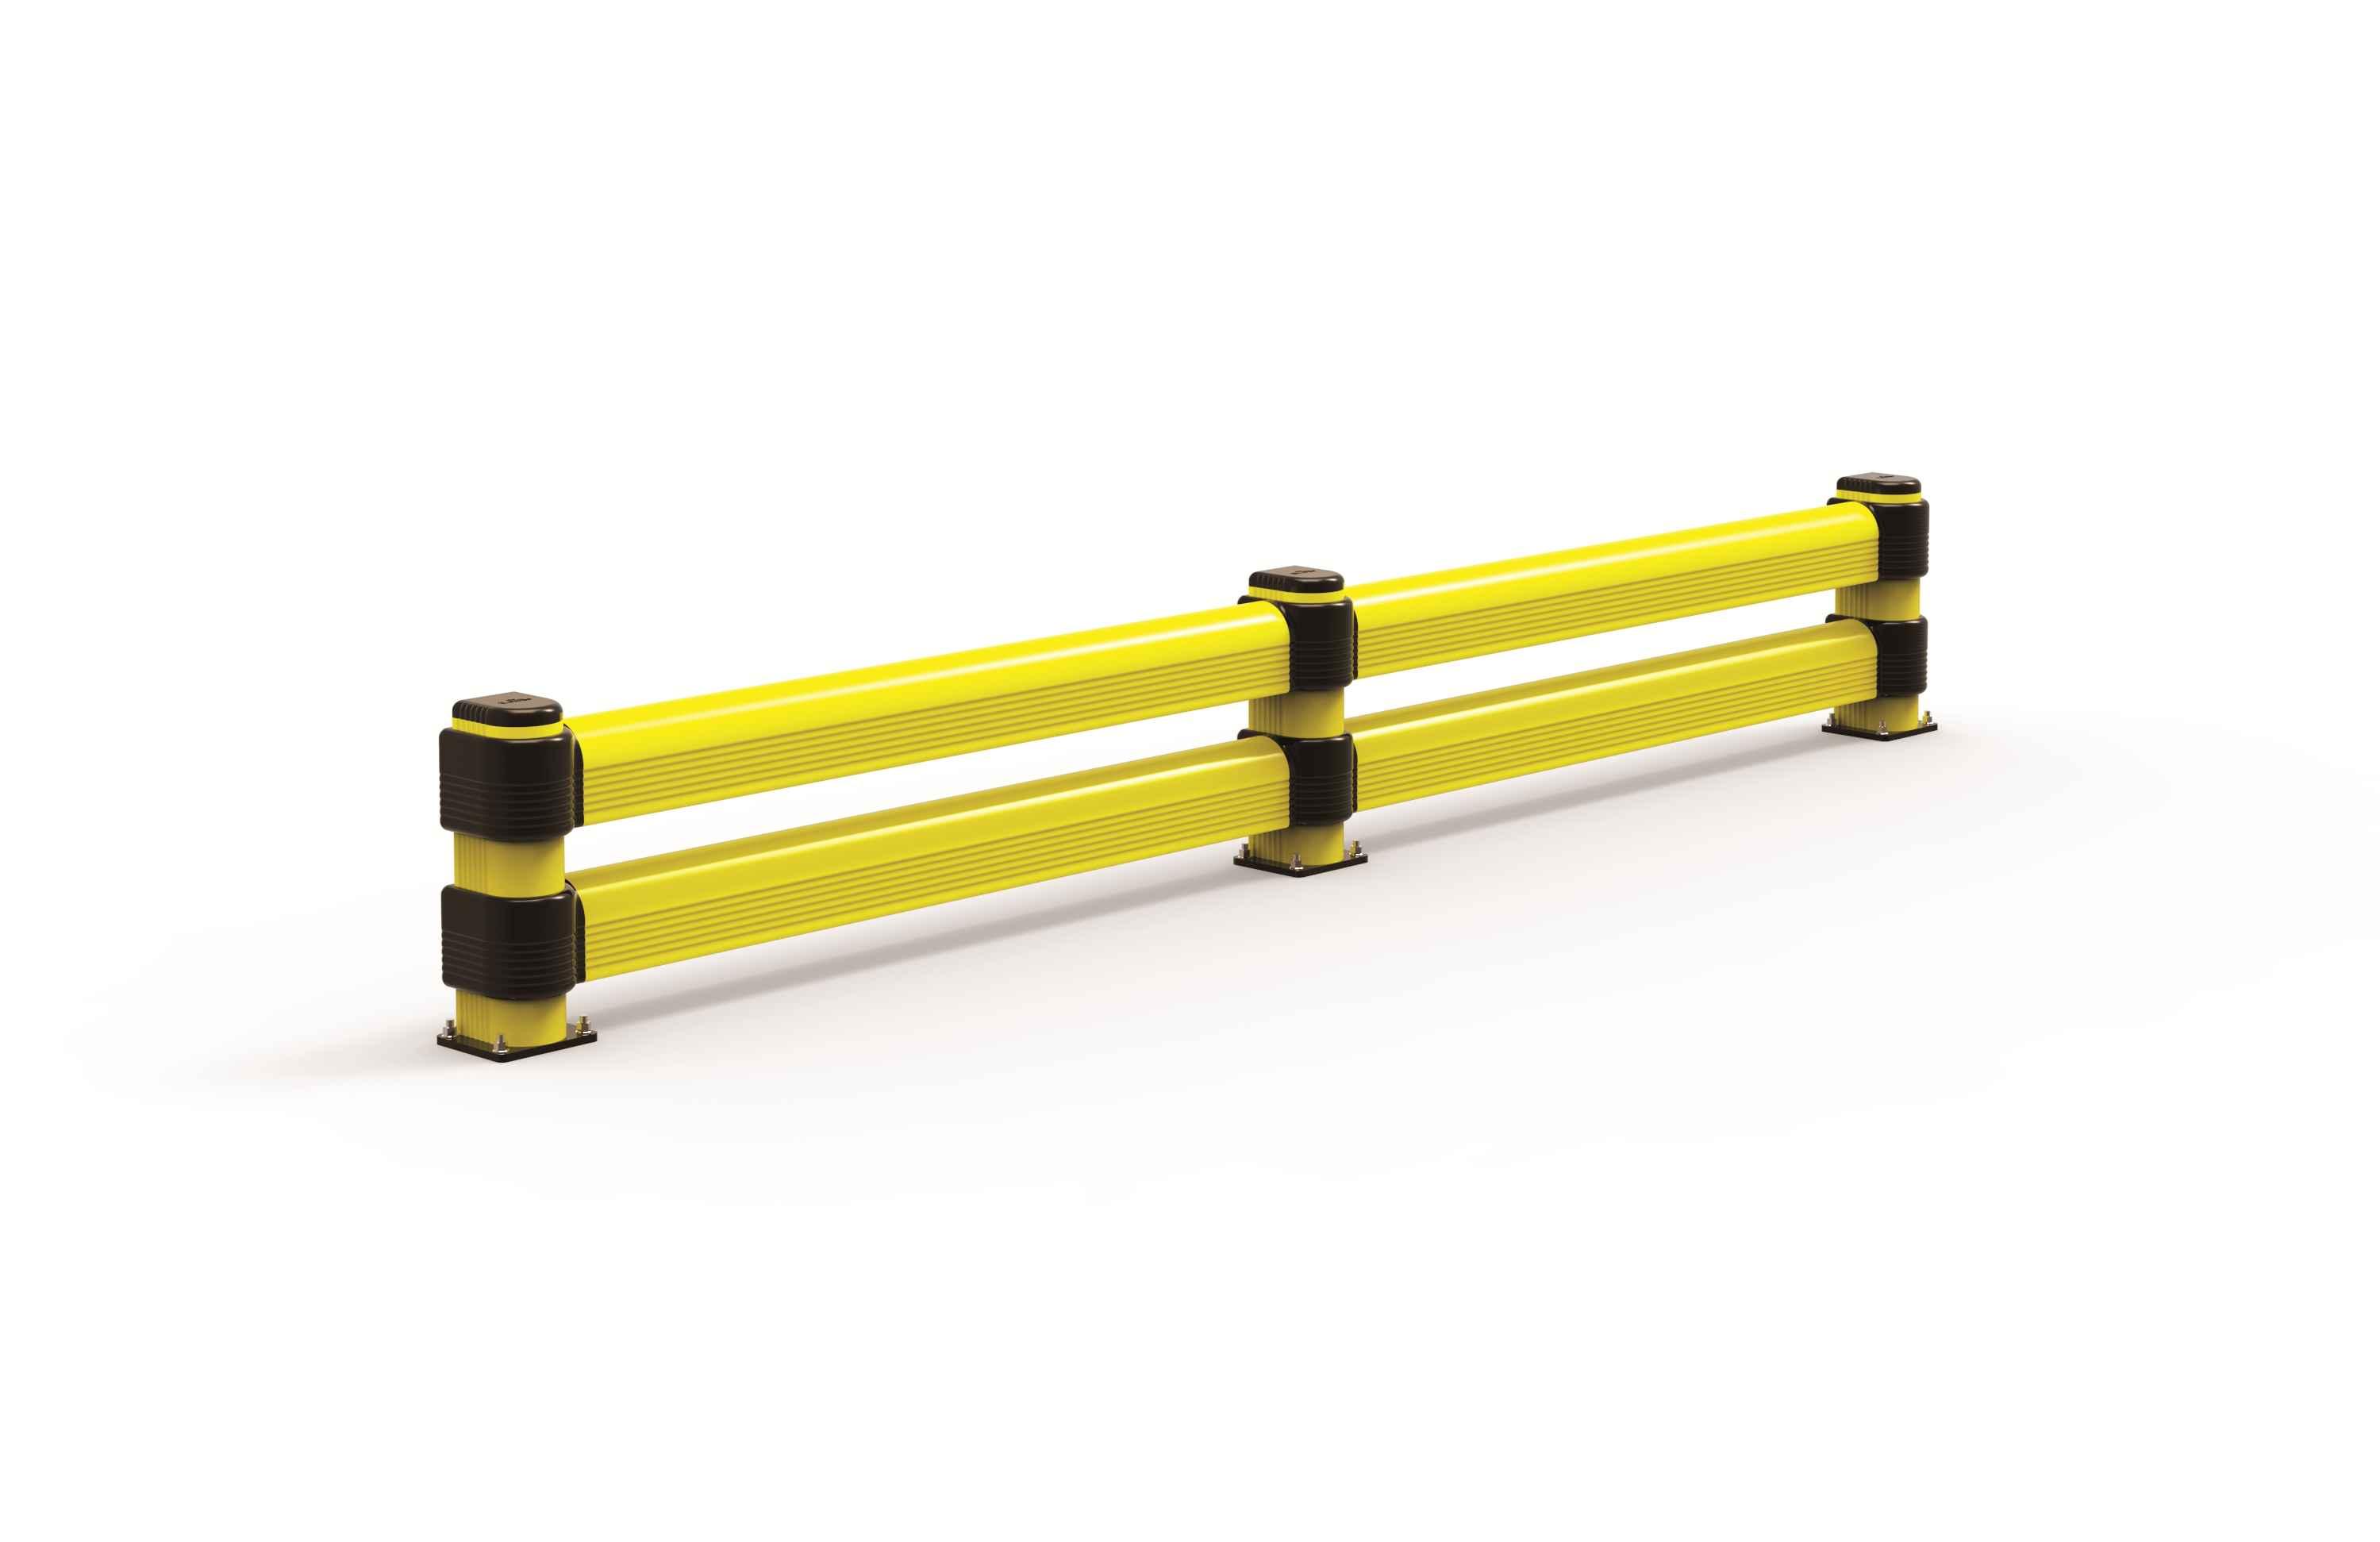 Modułowa elastyczna podwójna odbojnica szynowa L 500 mm x mb